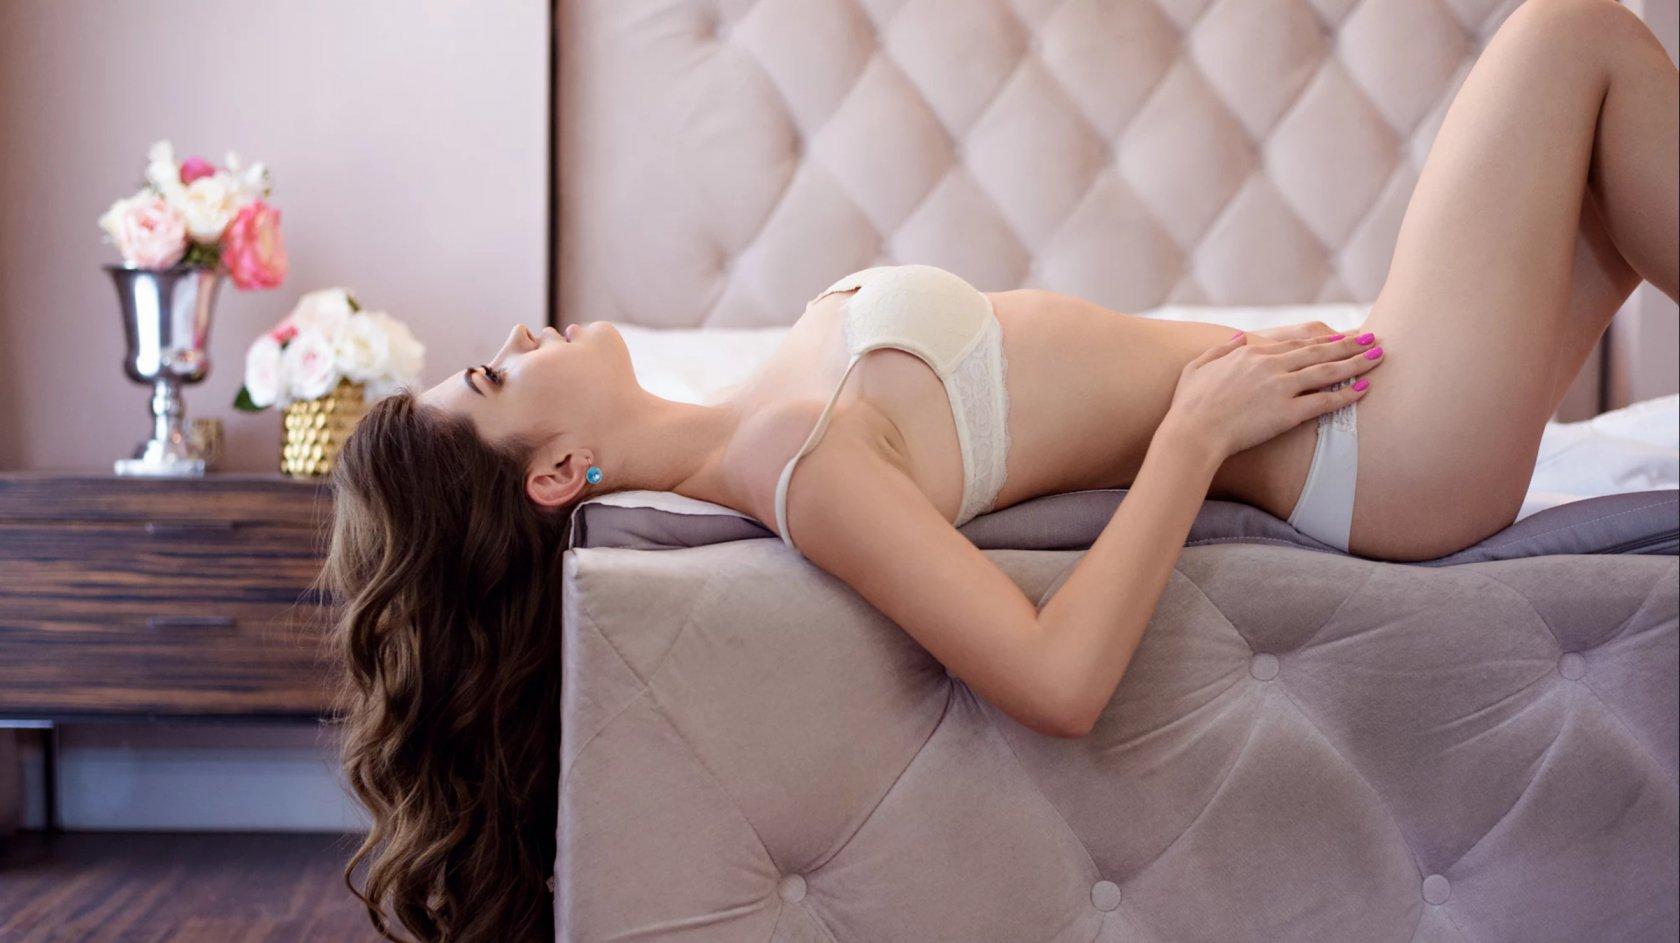 Эротическая история как я лишился девственности, Женский рассказ о потере девственности - порно рассказ 23 фотография